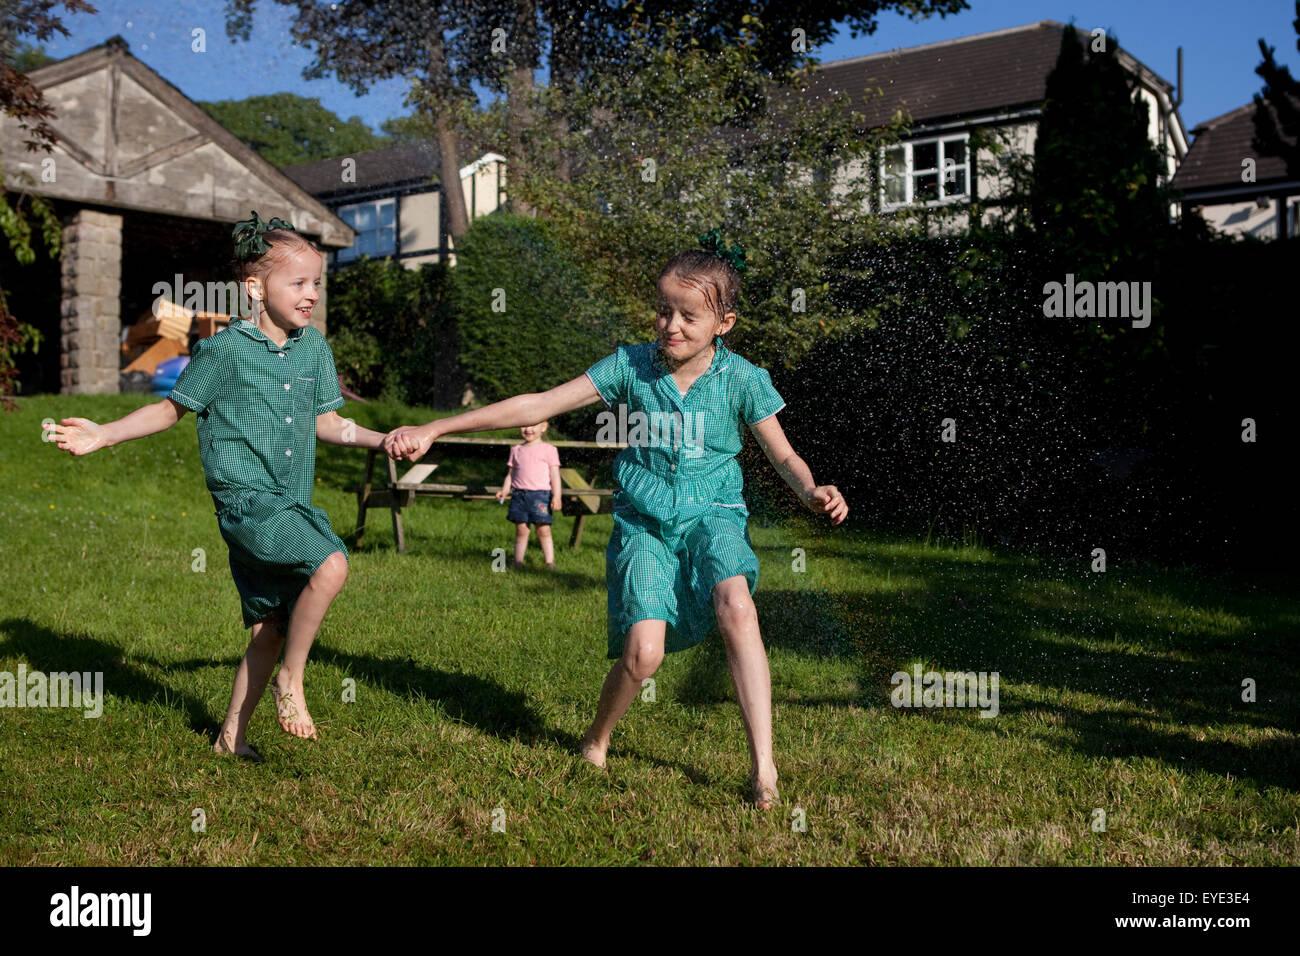 Due bambini nella scuola di sposa in esecuzione attraverso un soffione di erogazione dell'acqua. Immagini Stock